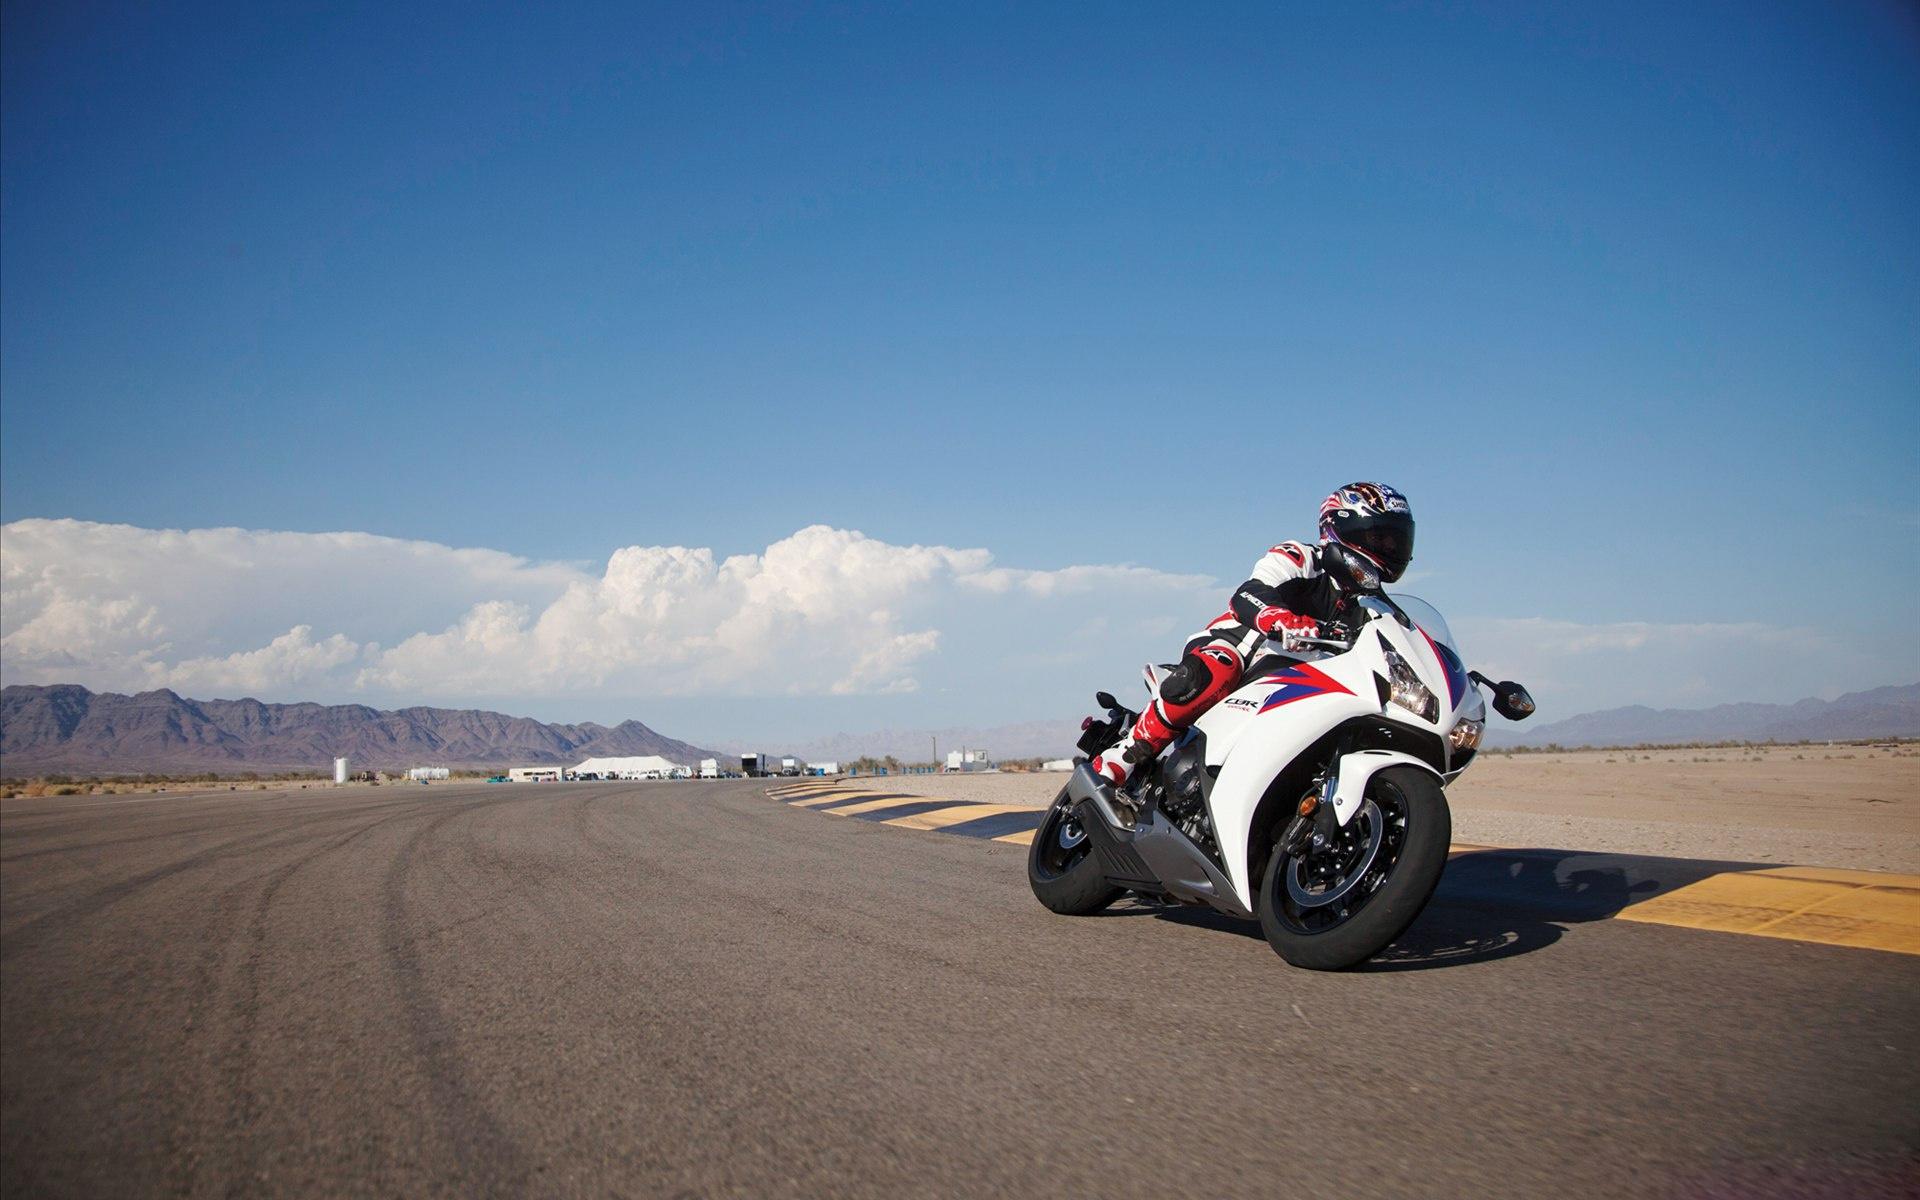 Bike Stunt Hd Wallpaper For Mobile Hd Motorcycle Wallpapers Pixelstalk Net